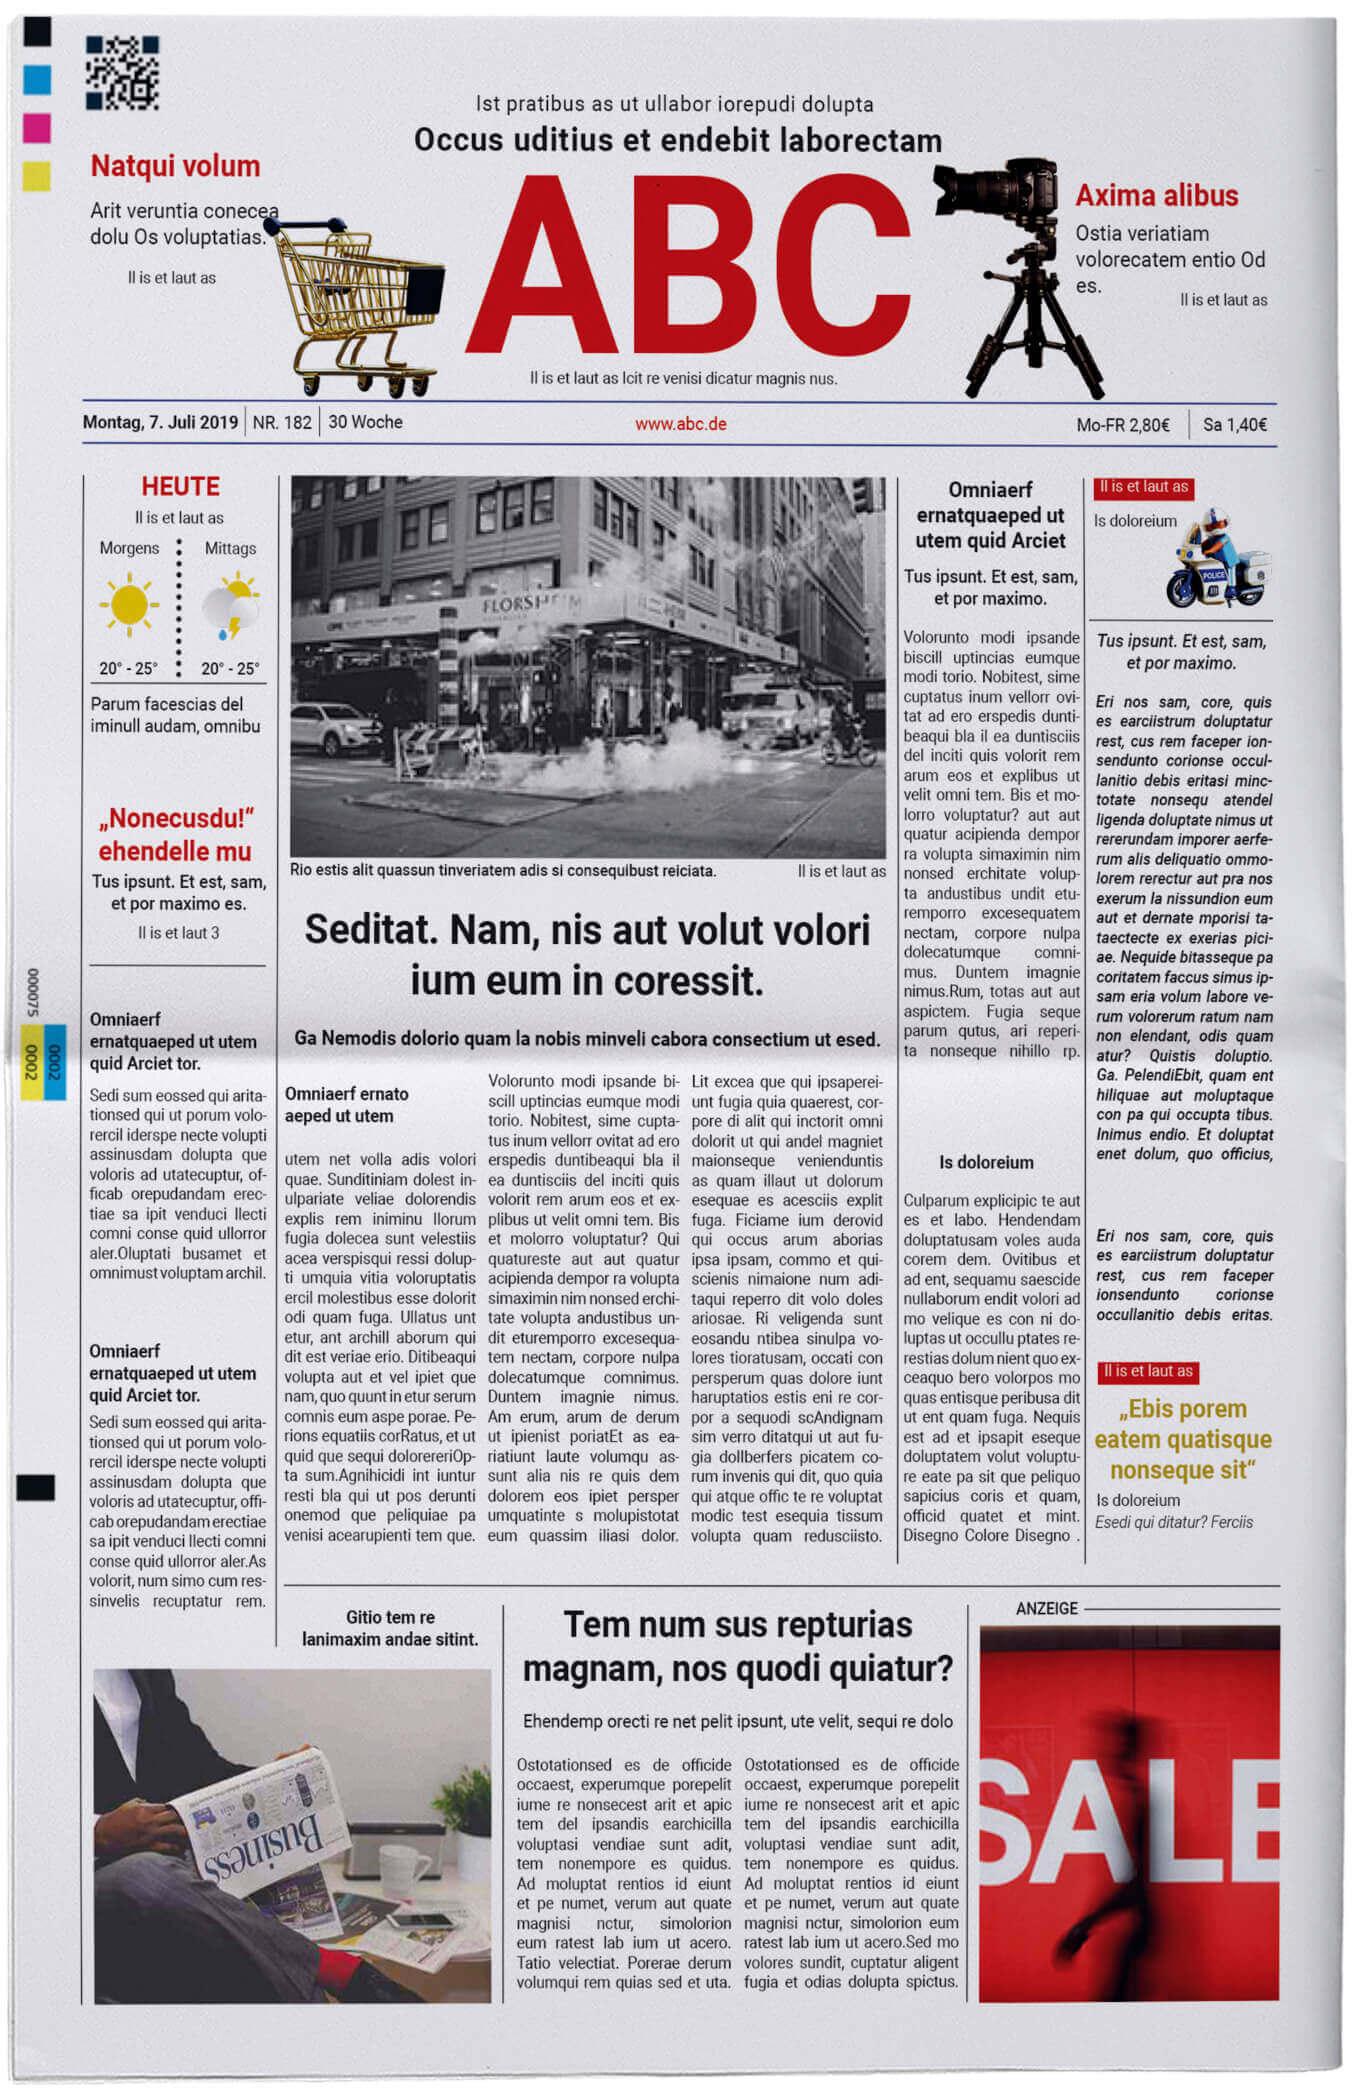 Vorlage für die Titelseite einer klassischen Tageszeitung